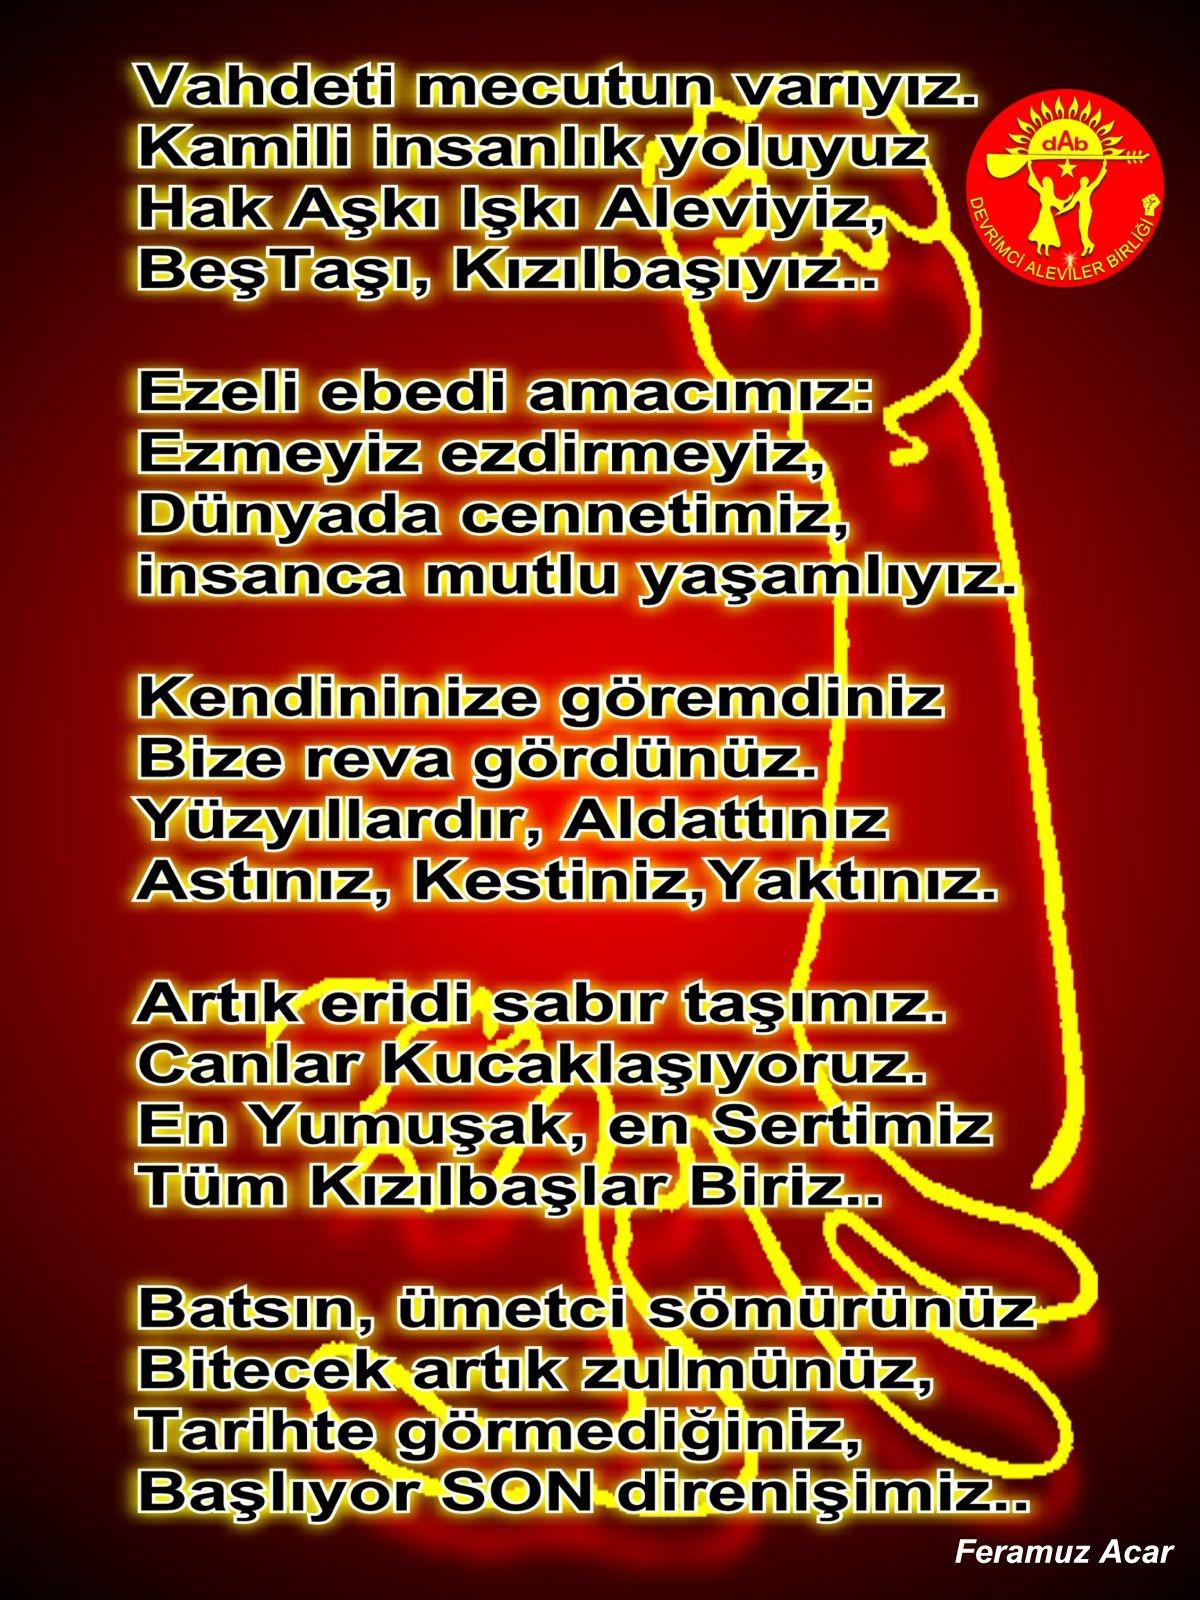 Alevi Bektaşi Kızılbaş Pir Sultan Devrimci Aleviler Birliği DAB sondirenis